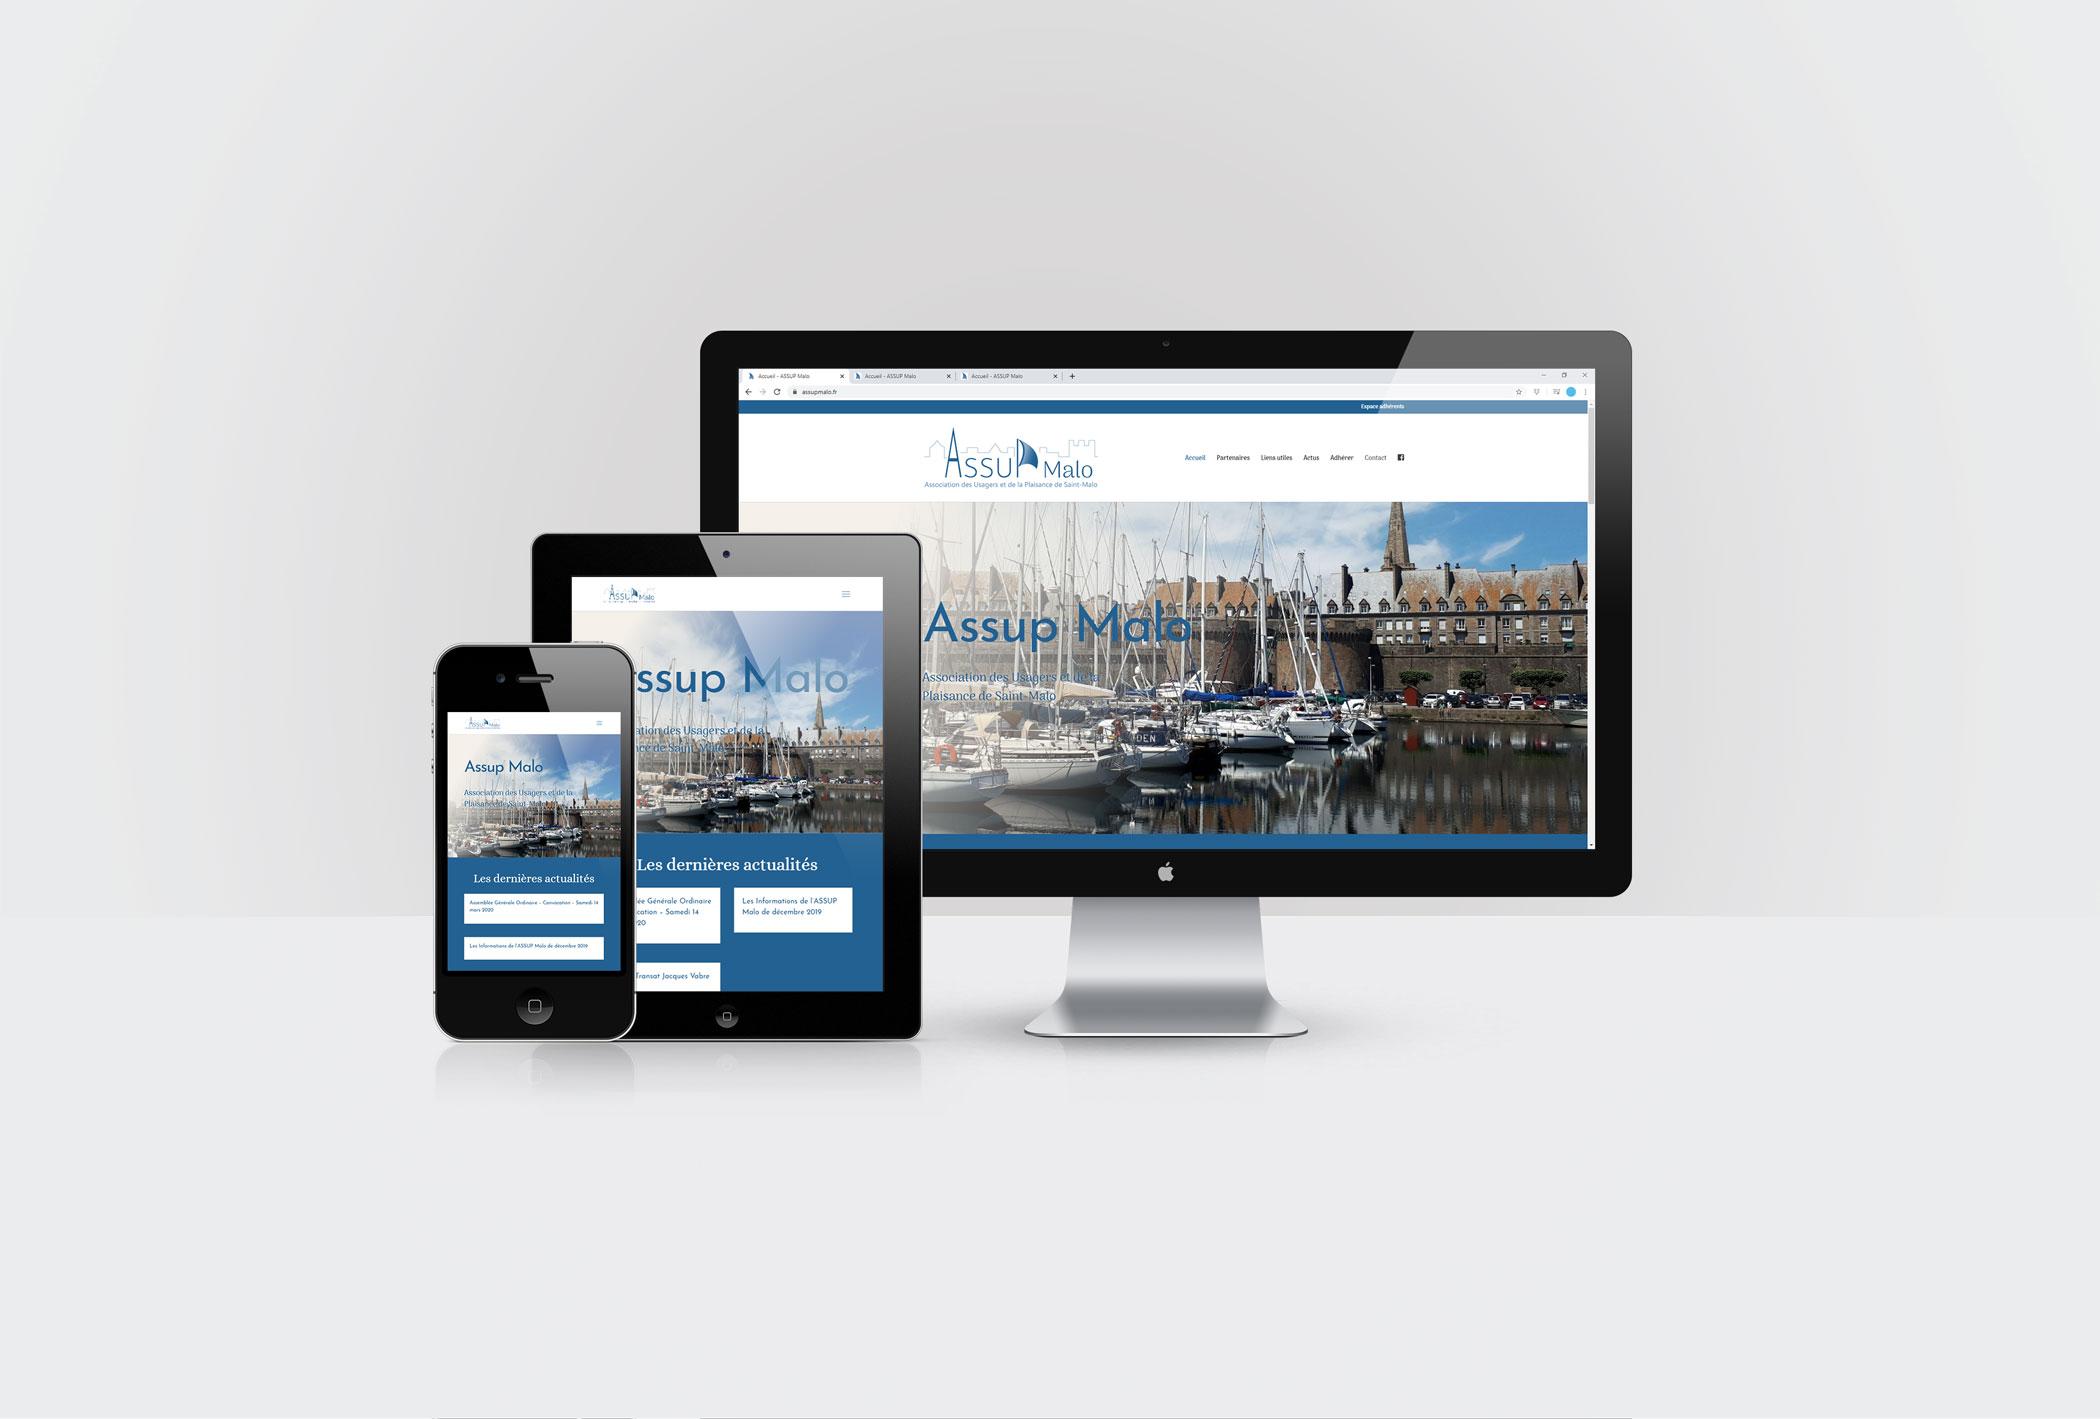 ASSUP Malo Association des Usagers et de la Plaisance de Saint-Malo